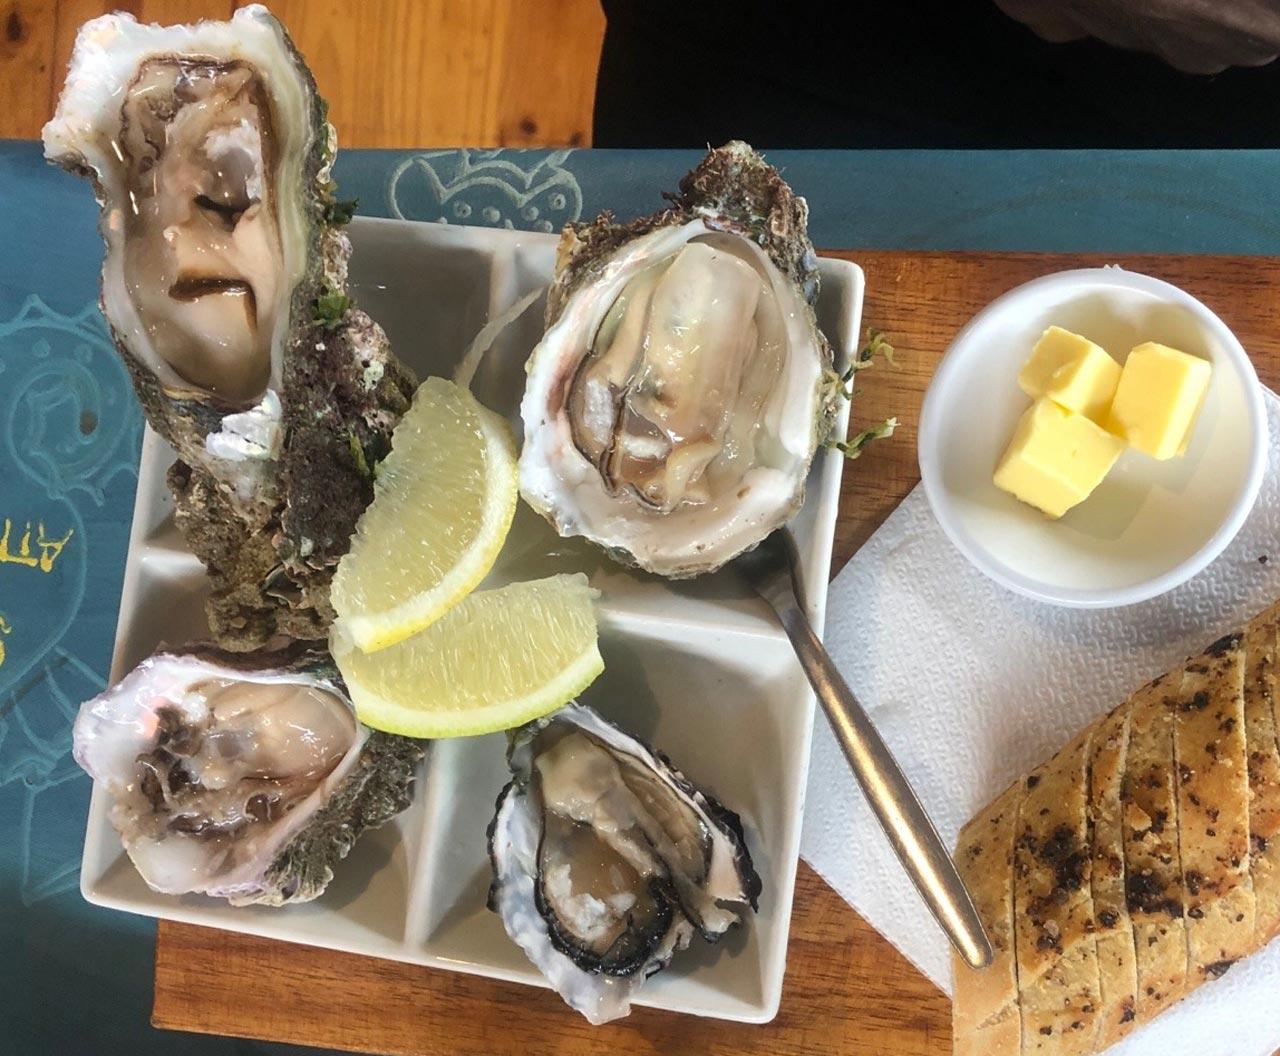 Knysna Austern sind Qualitätsaustern